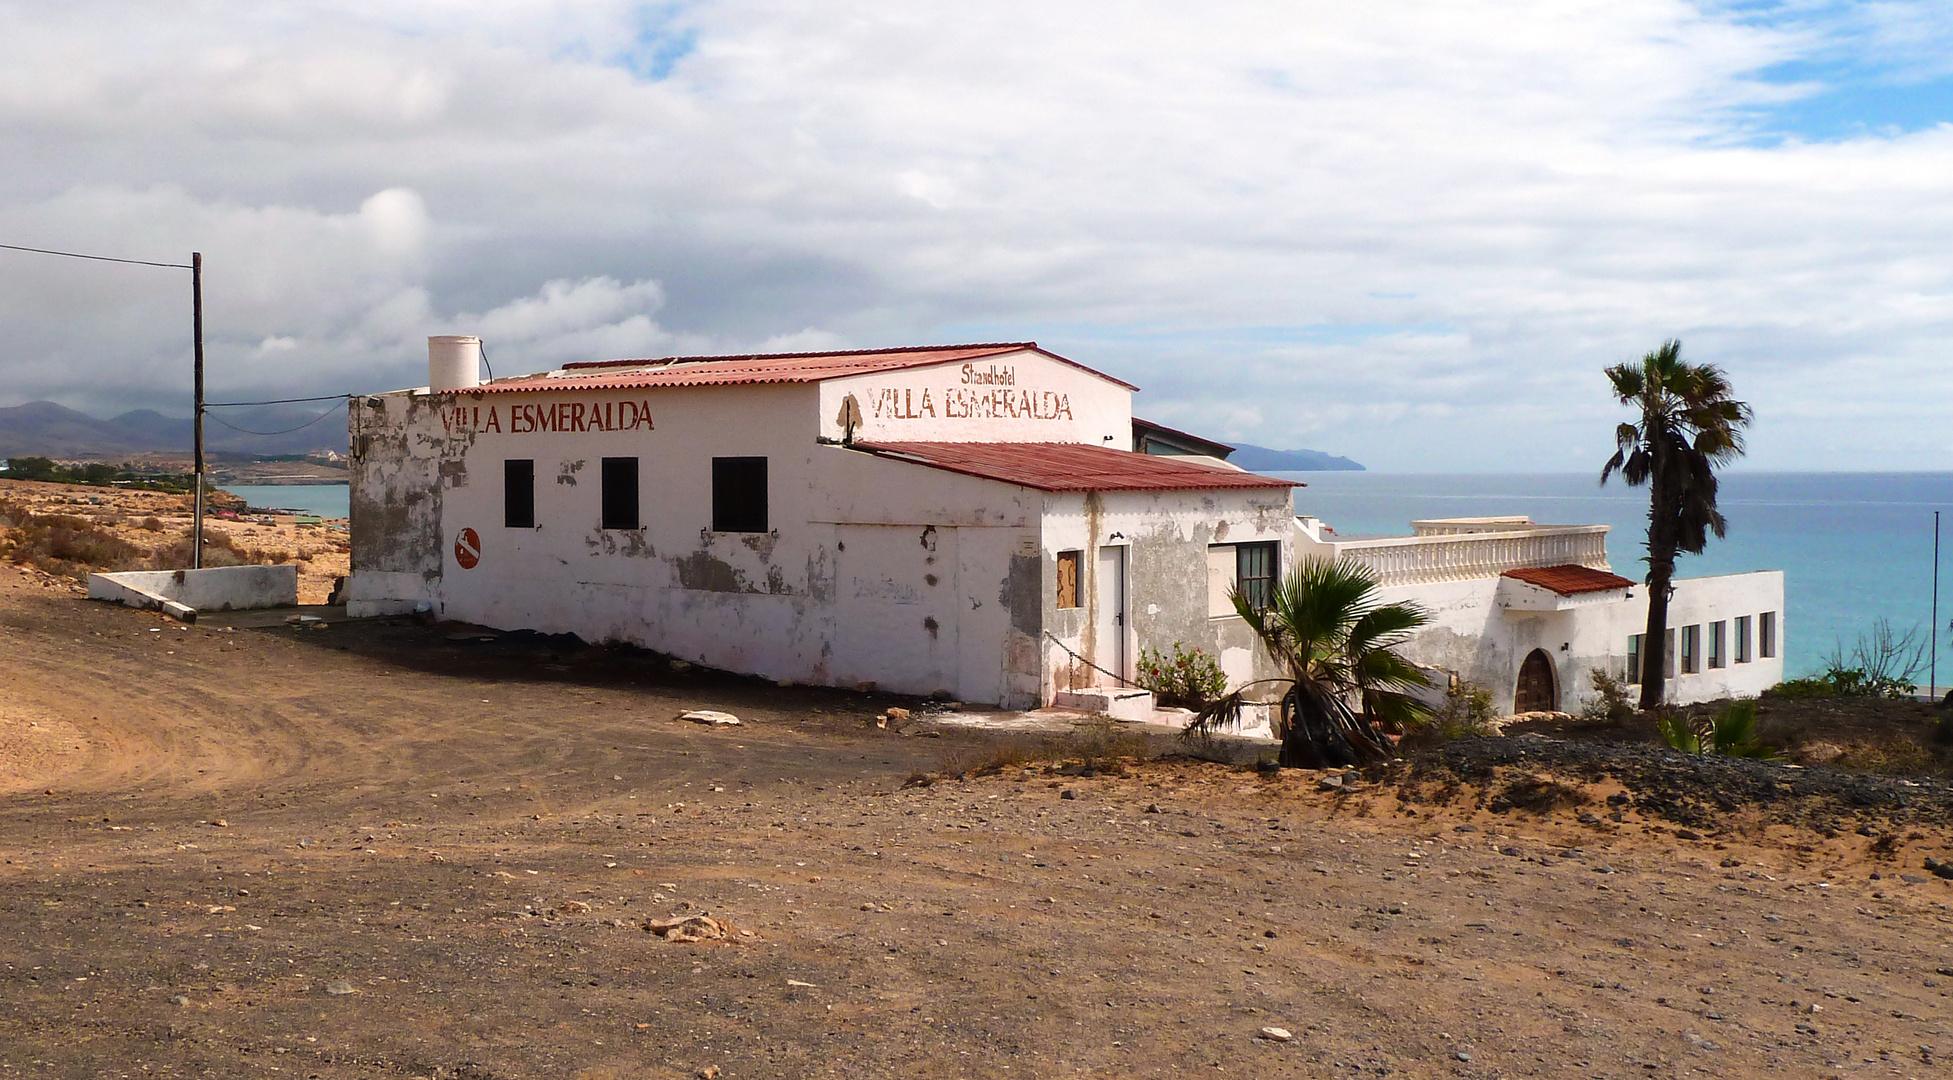 Verlassenes Strandhotel mit Traumblick auf Fuerteventura - Villa Esmeralda (1)